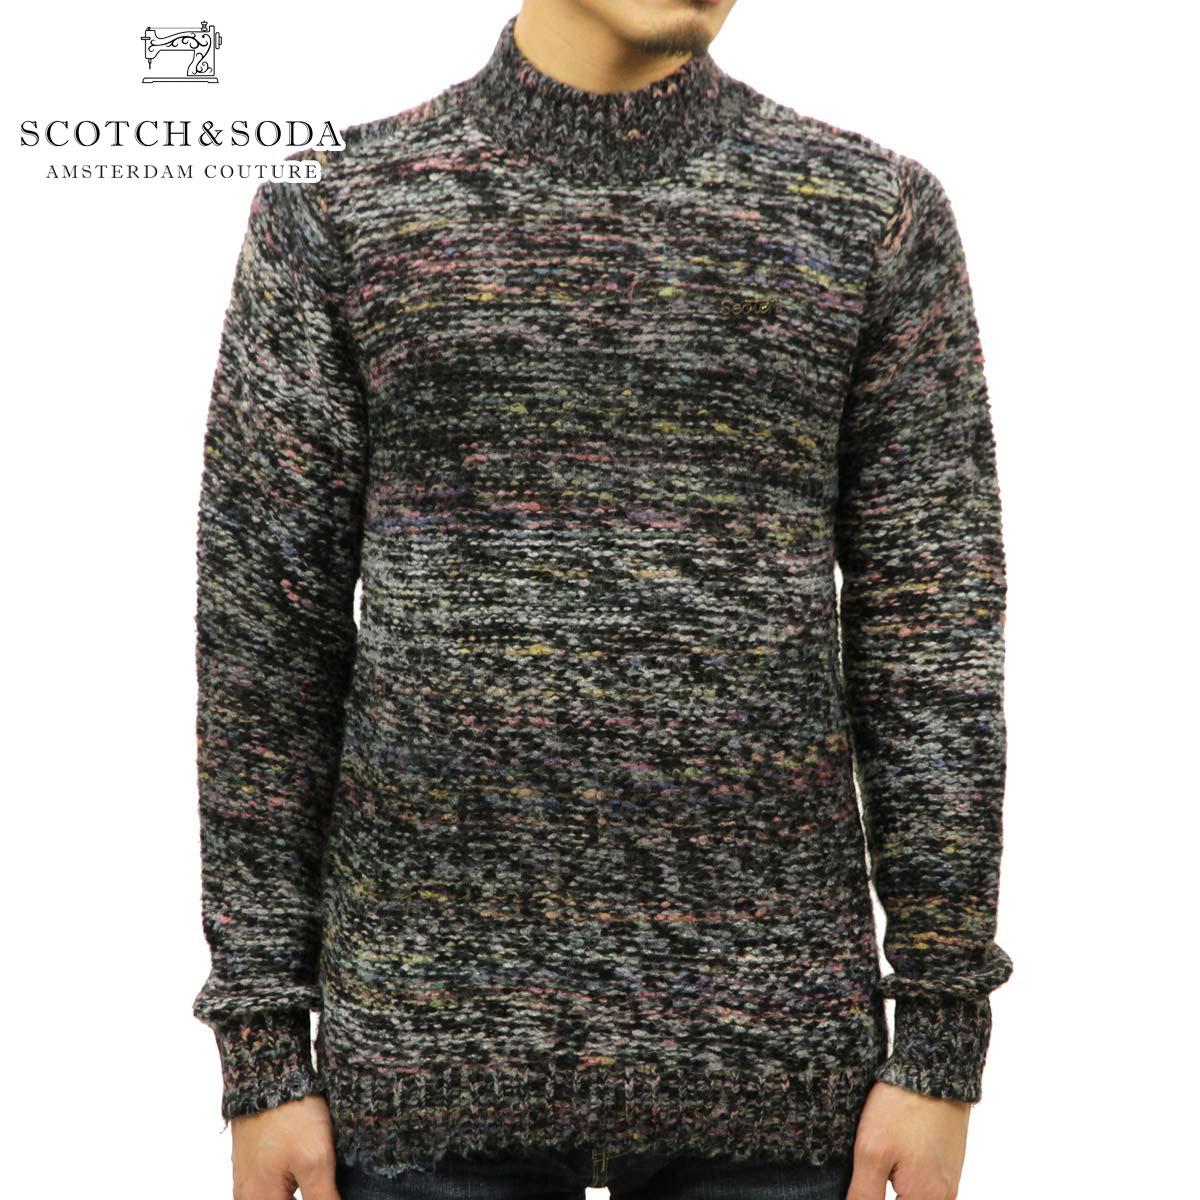 スコッチアンドソーダ SCOTCH&SODA 正規販売店 メンズ セーター CREW NECK KNIT SWEATER 139813 0218 45428 COMBO B